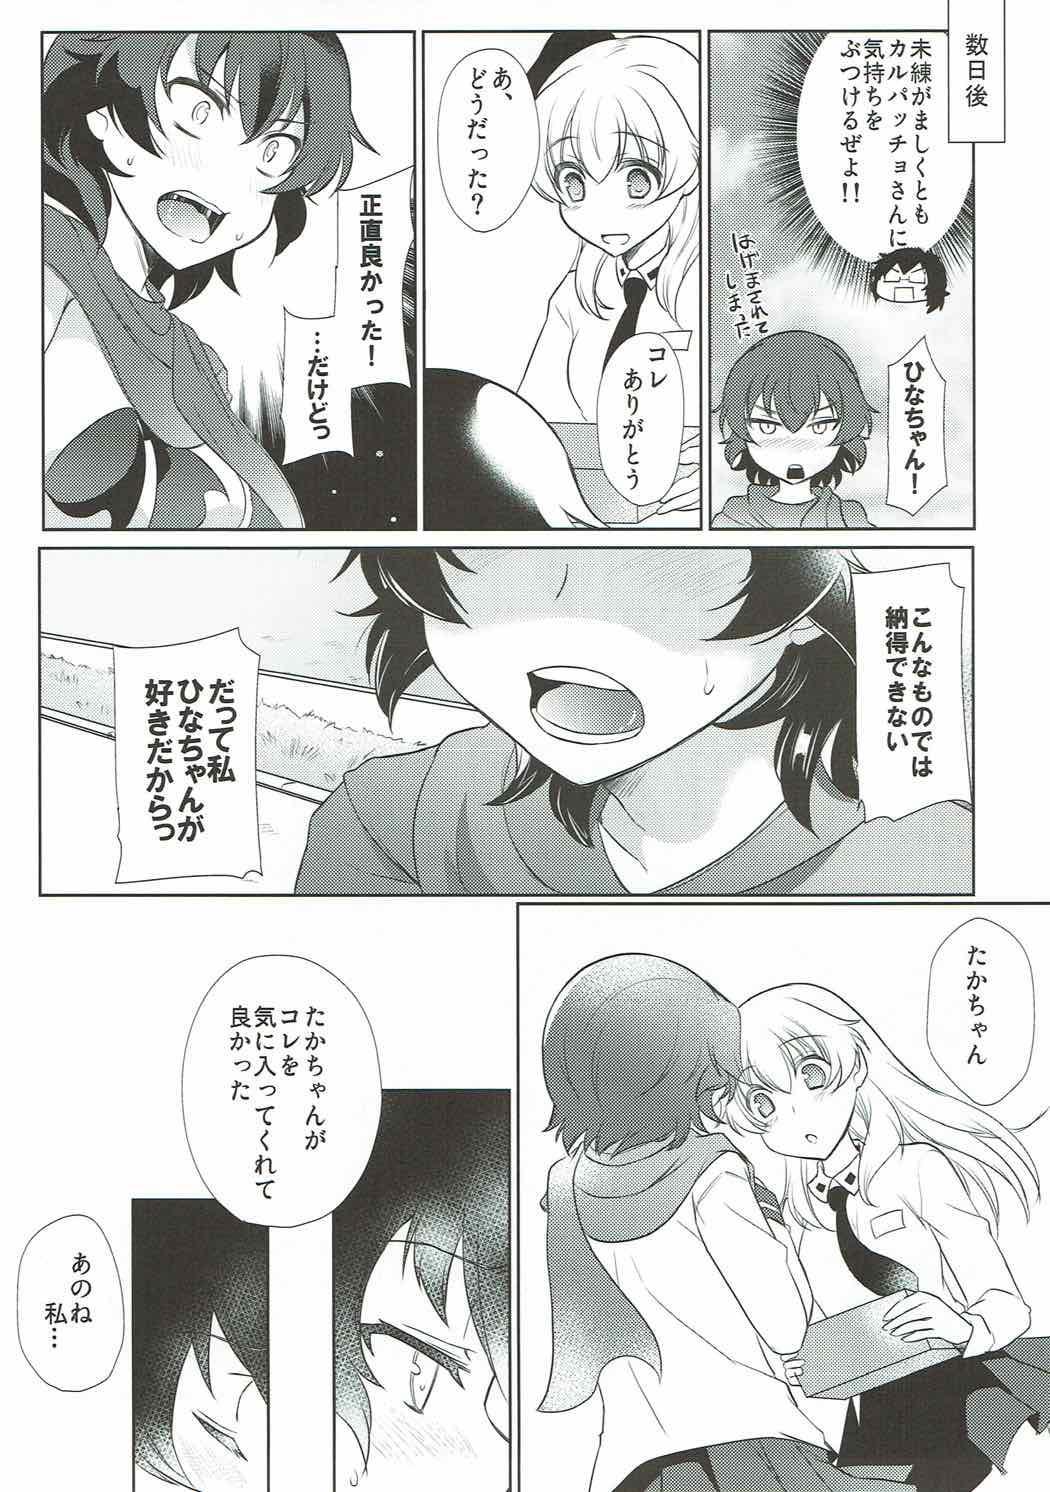 Dakara Watashi wa Sotsugyou dekinai! 21